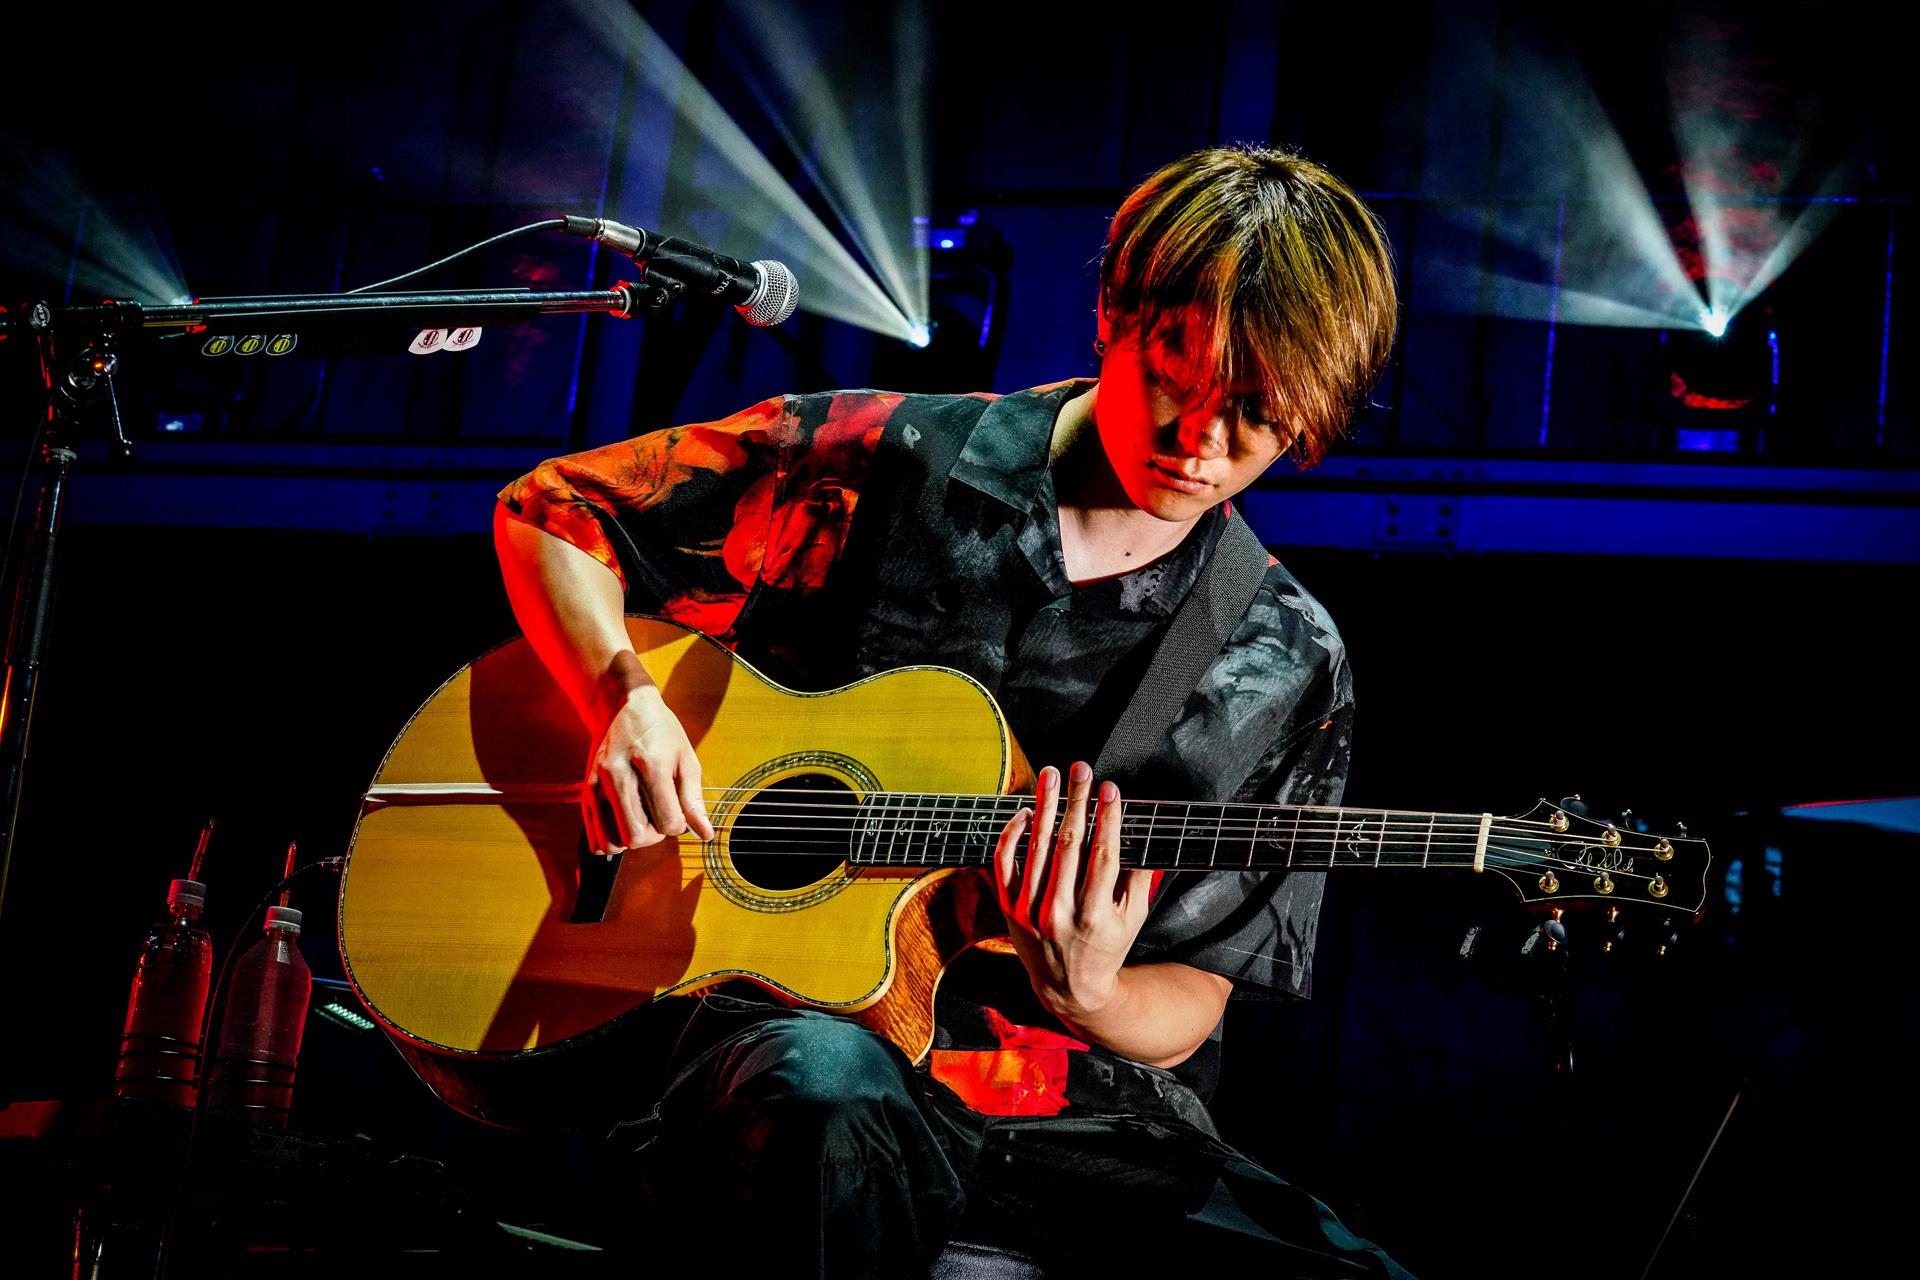 Toru Yamashita plays PRS acoustic